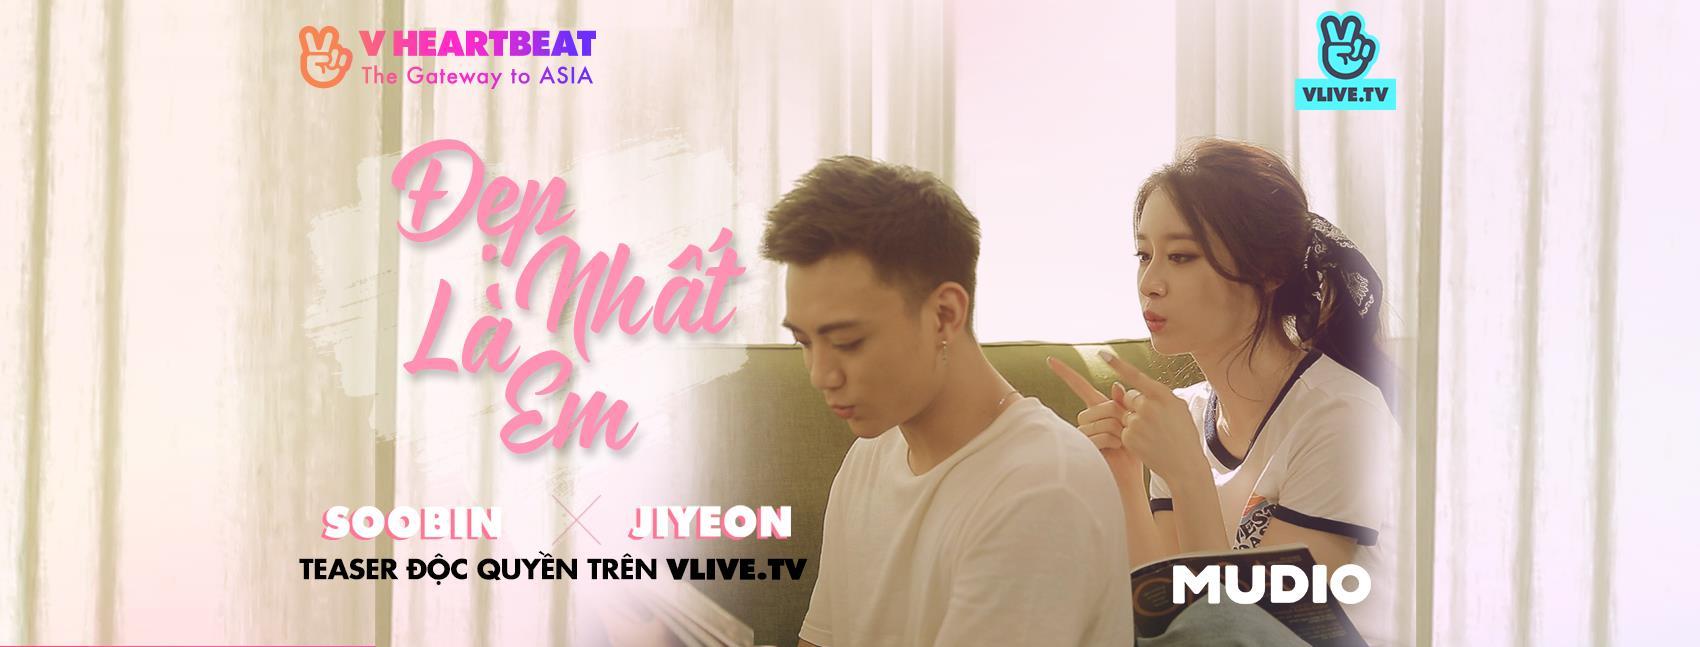 Sau EXID và JI Yeon đến lượt The Boyz xác nhận đến Việt Nam trình diễn trong đêm nhạc Việt – Hàn - Ảnh 5.